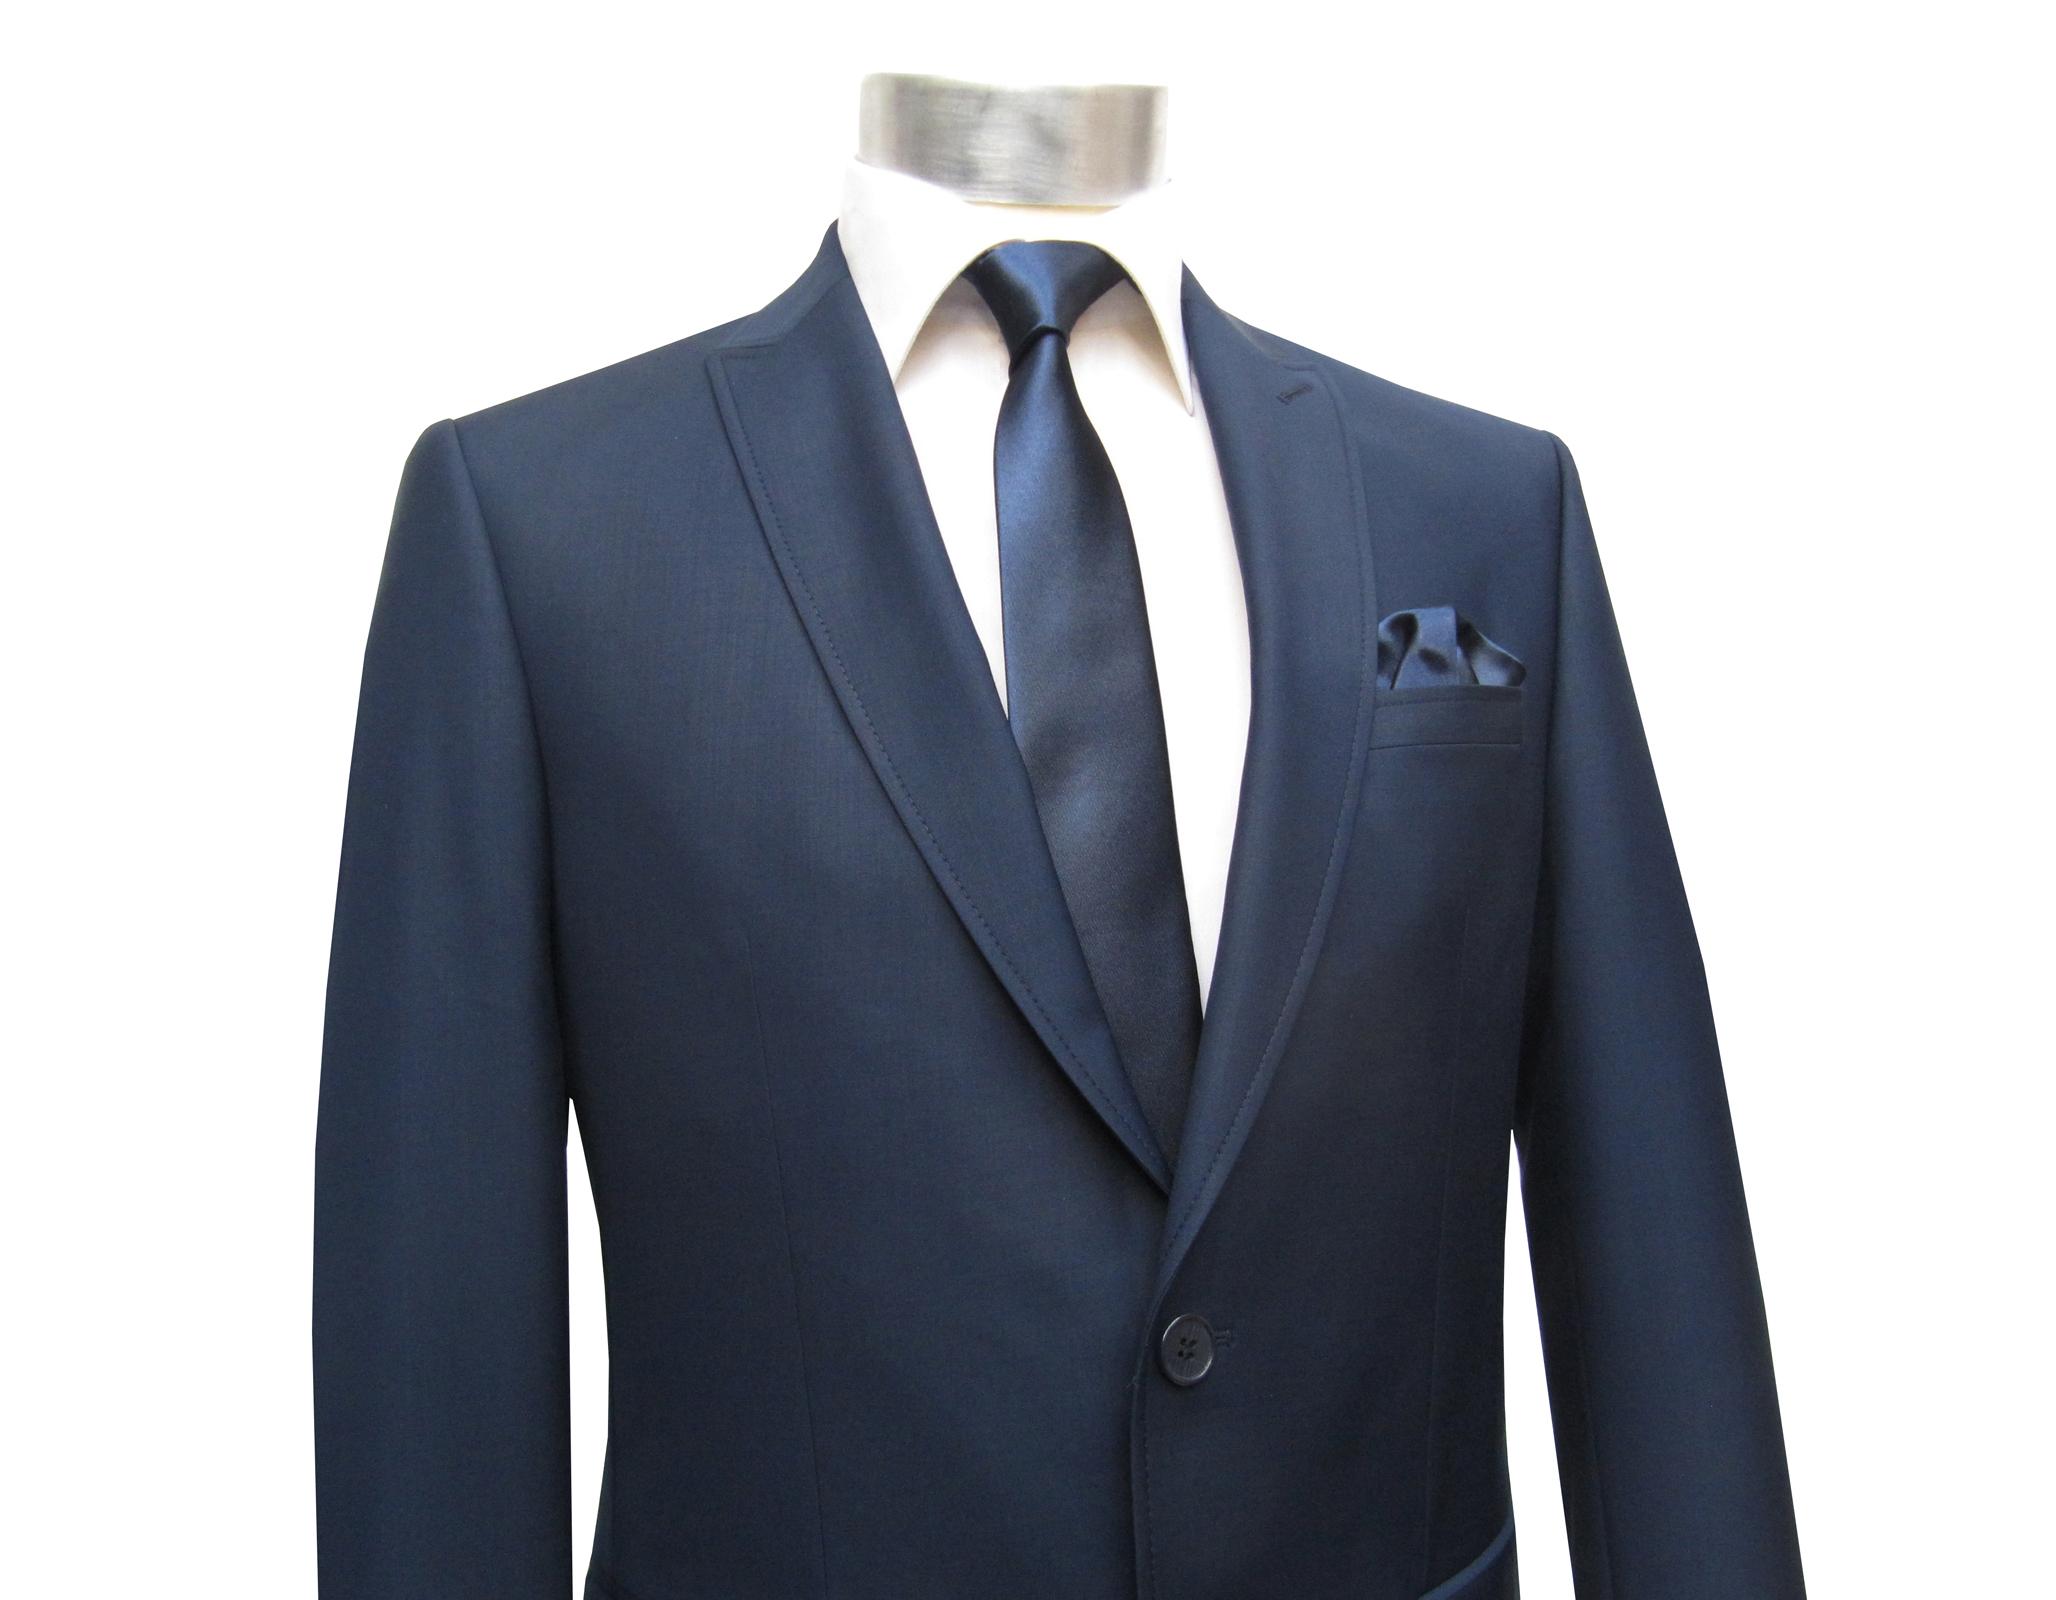 modisch schmale krawatte mit einstecktuch krawatten. Black Bedroom Furniture Sets. Home Design Ideas